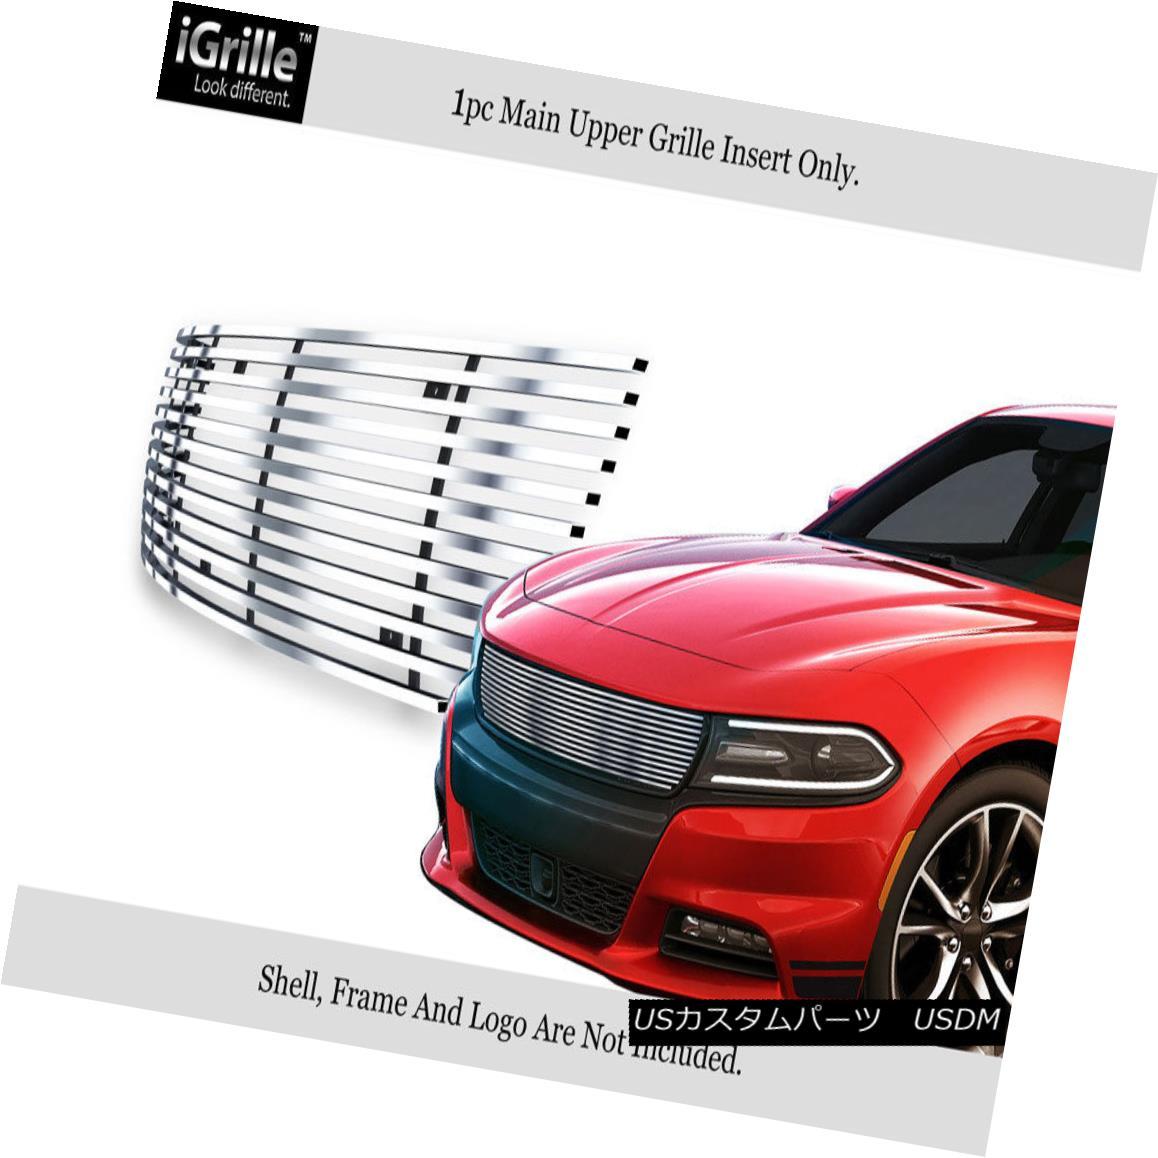 グリル For 2015-2018 Dodge Charger Stainless Steel Billet Grille 2015-2018 Dodge Chargerステンレス鋼のビレットグリル